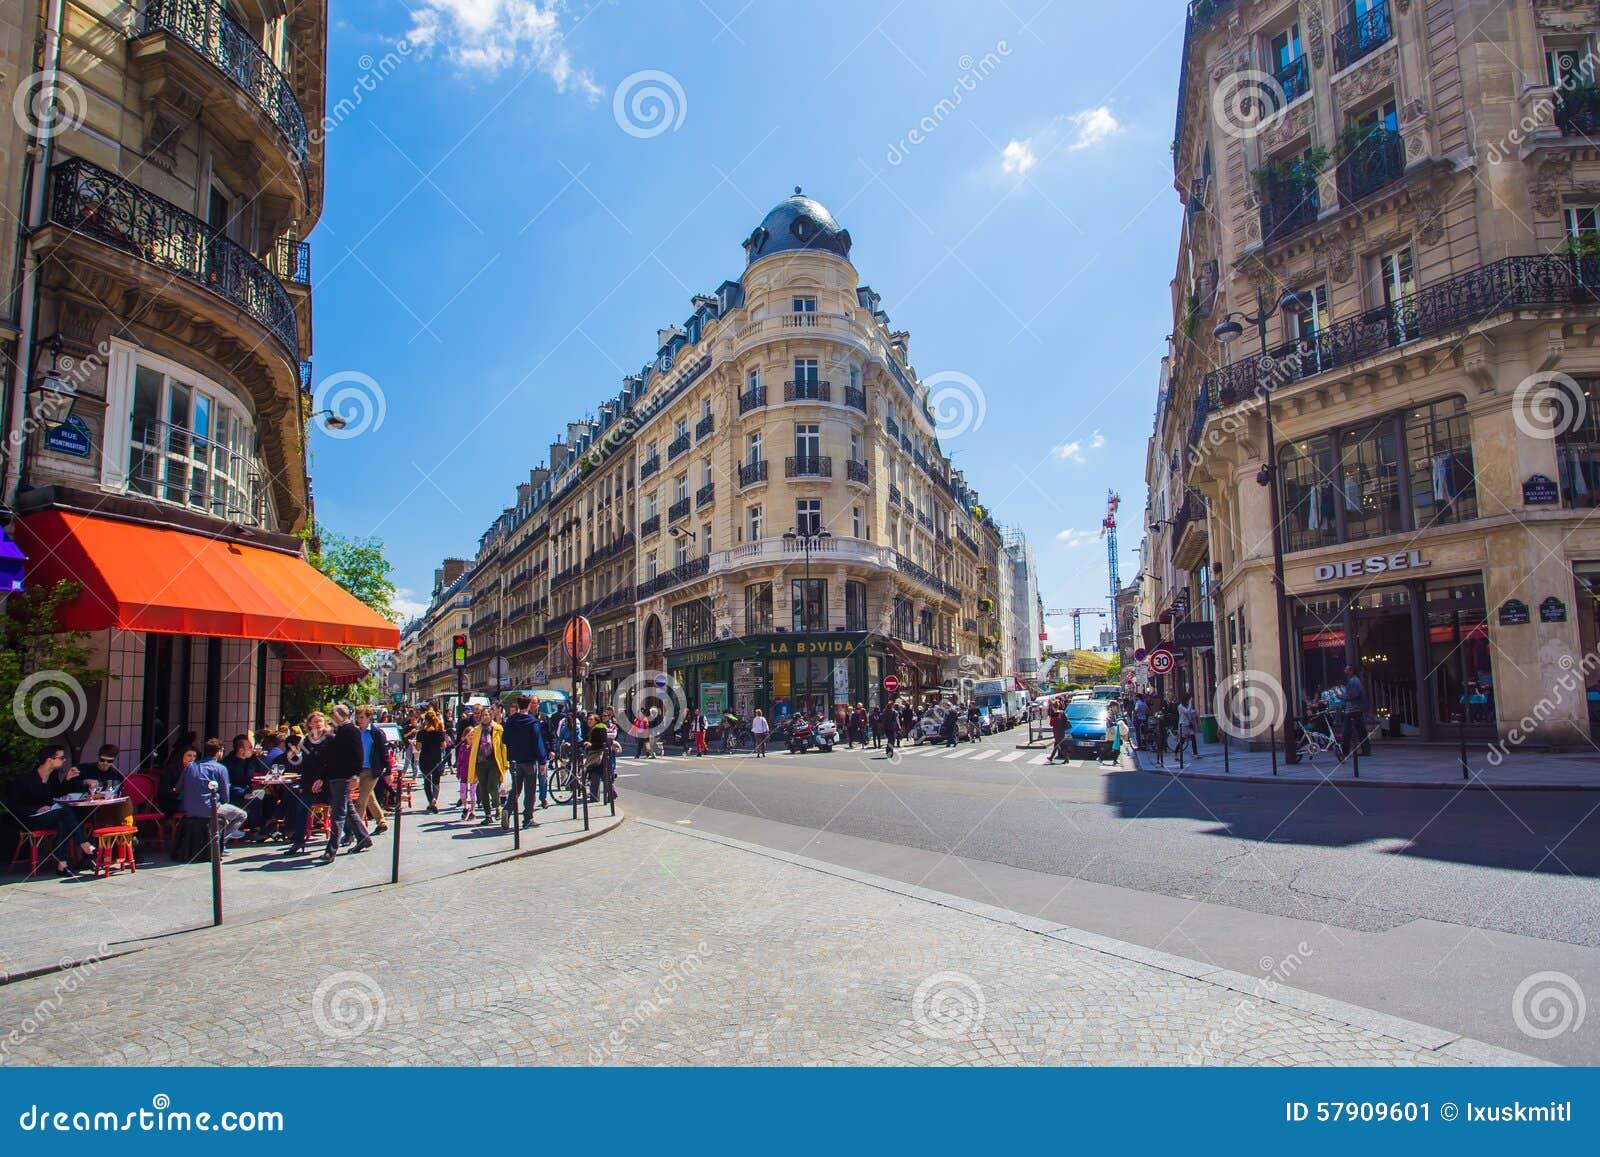 City center of paris in les halles area editorial photo image 57909601 - Les cents ciels paris 11 ...